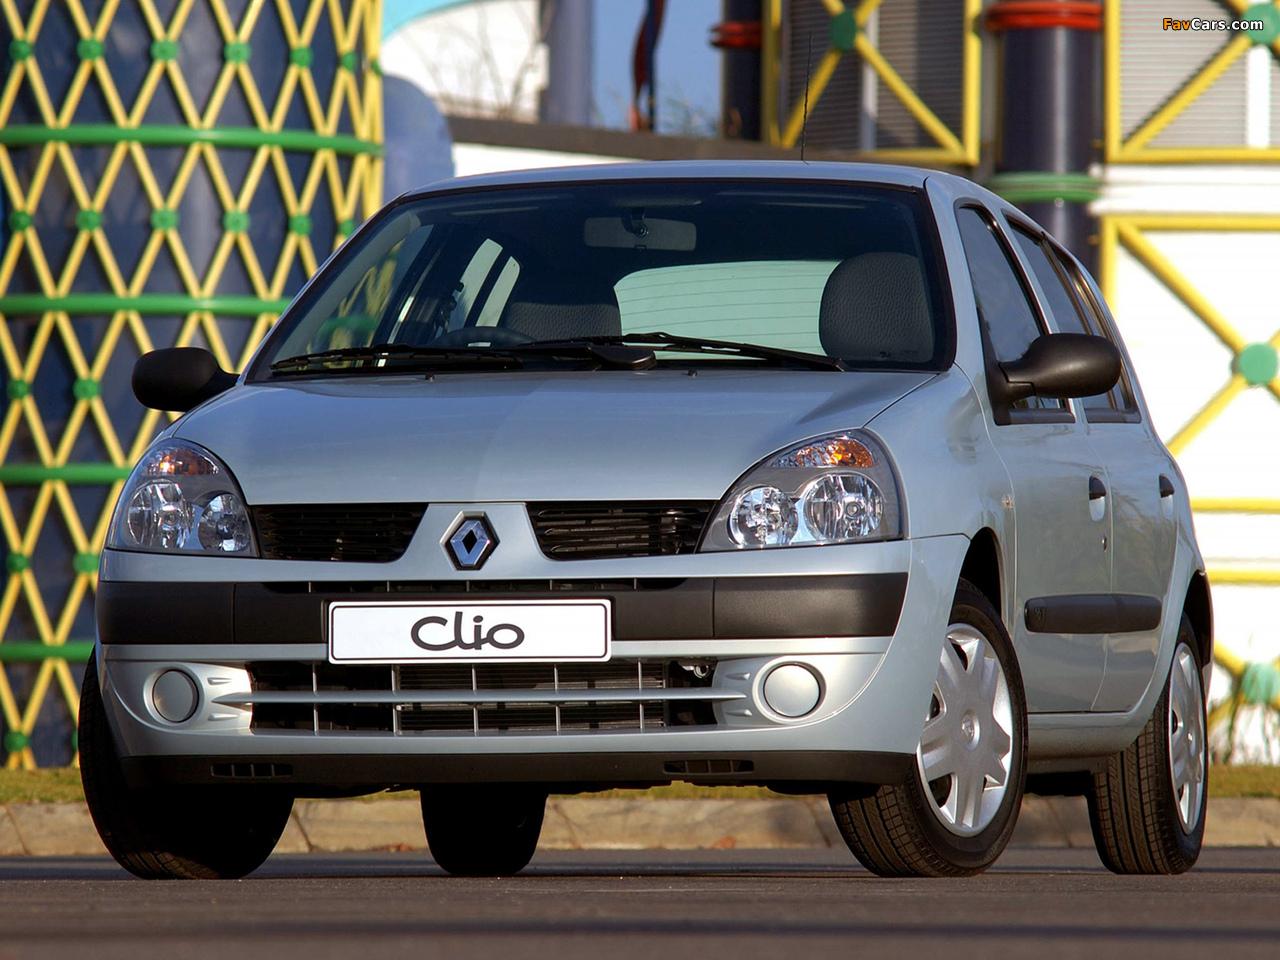 Renault Clio Va Va Voom 2004 photos (1280 x 960)